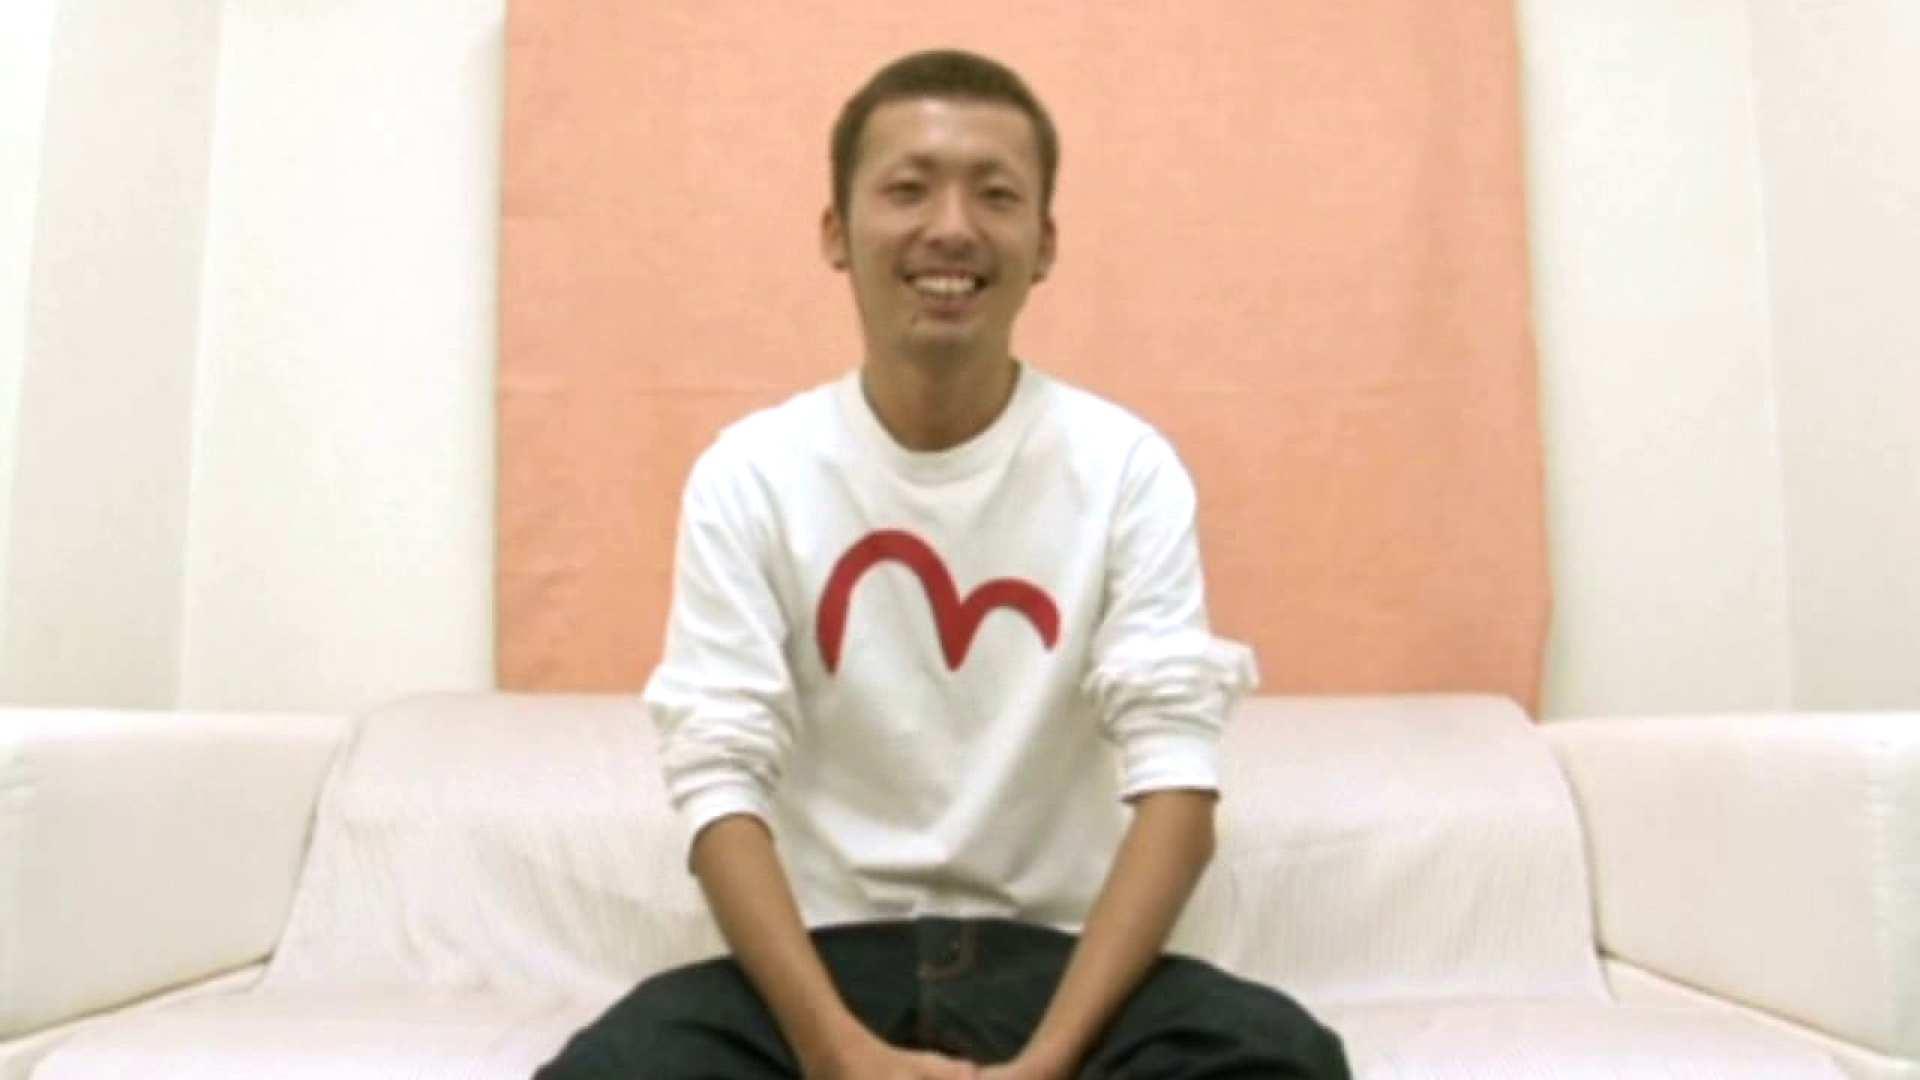 ノンケ!自慰スタジオ No.11 ノンケ天国 ゲイエロ動画 78pic 3